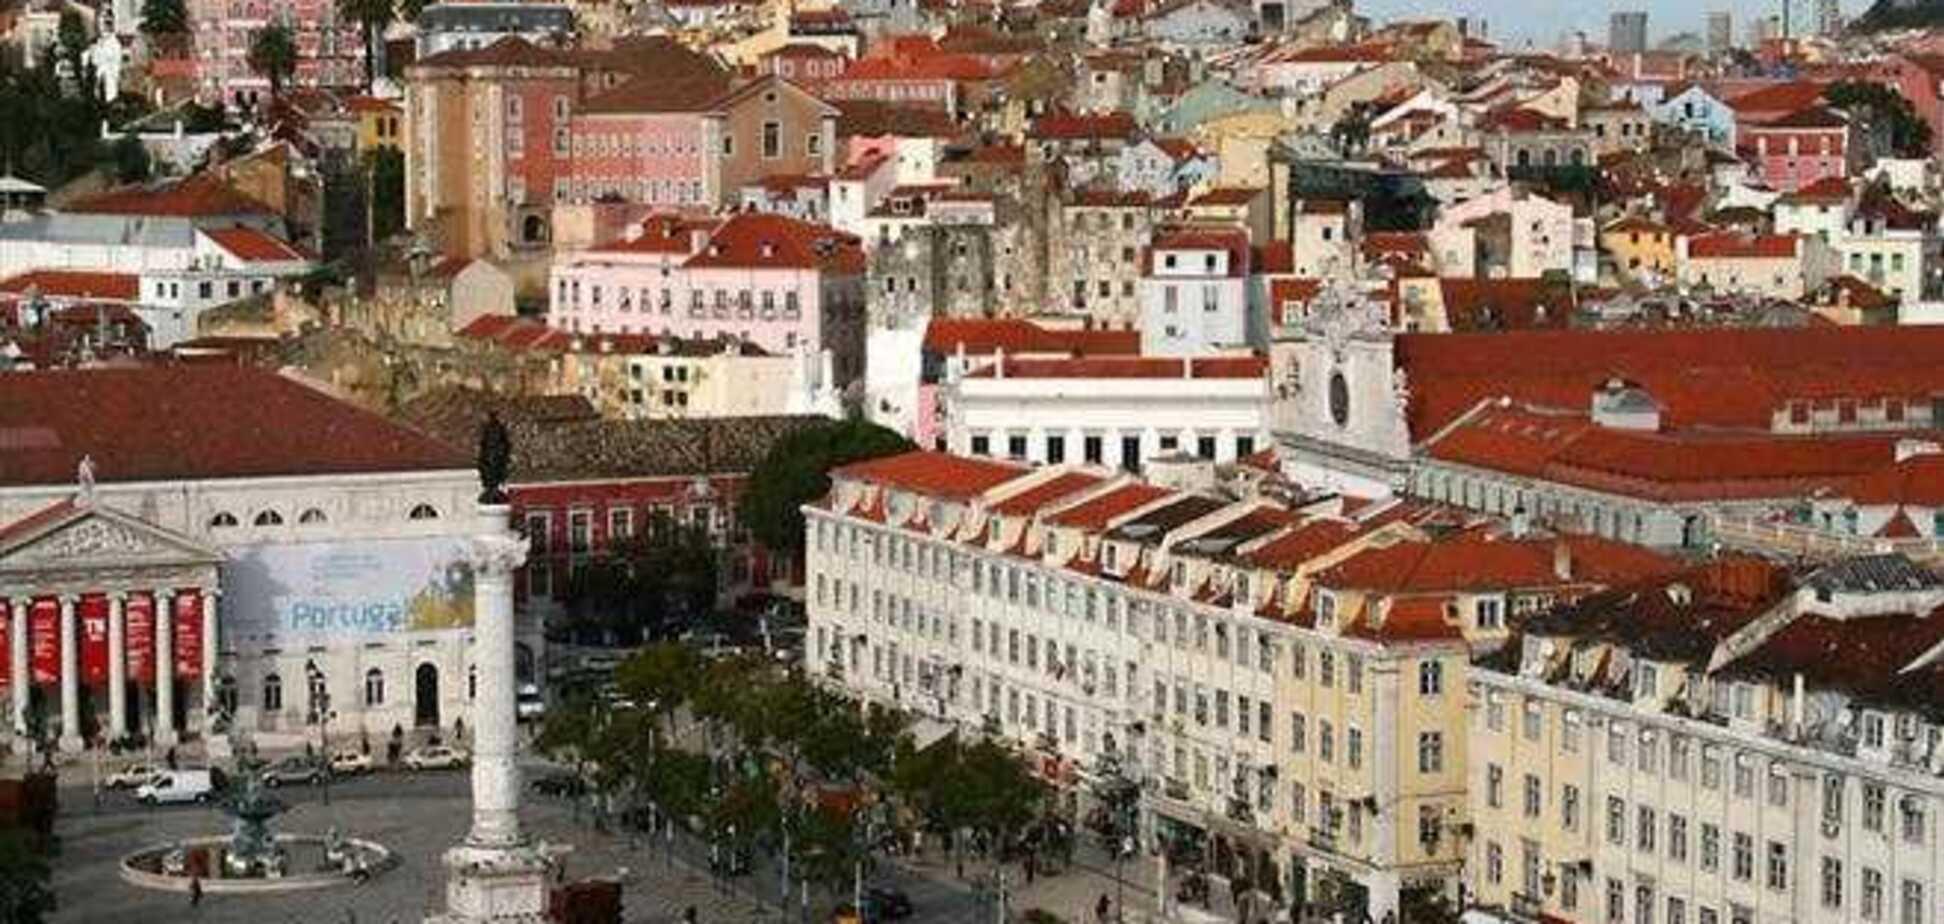 Немцы сделали крупнейшую инвестицию в недвижимость Португалии